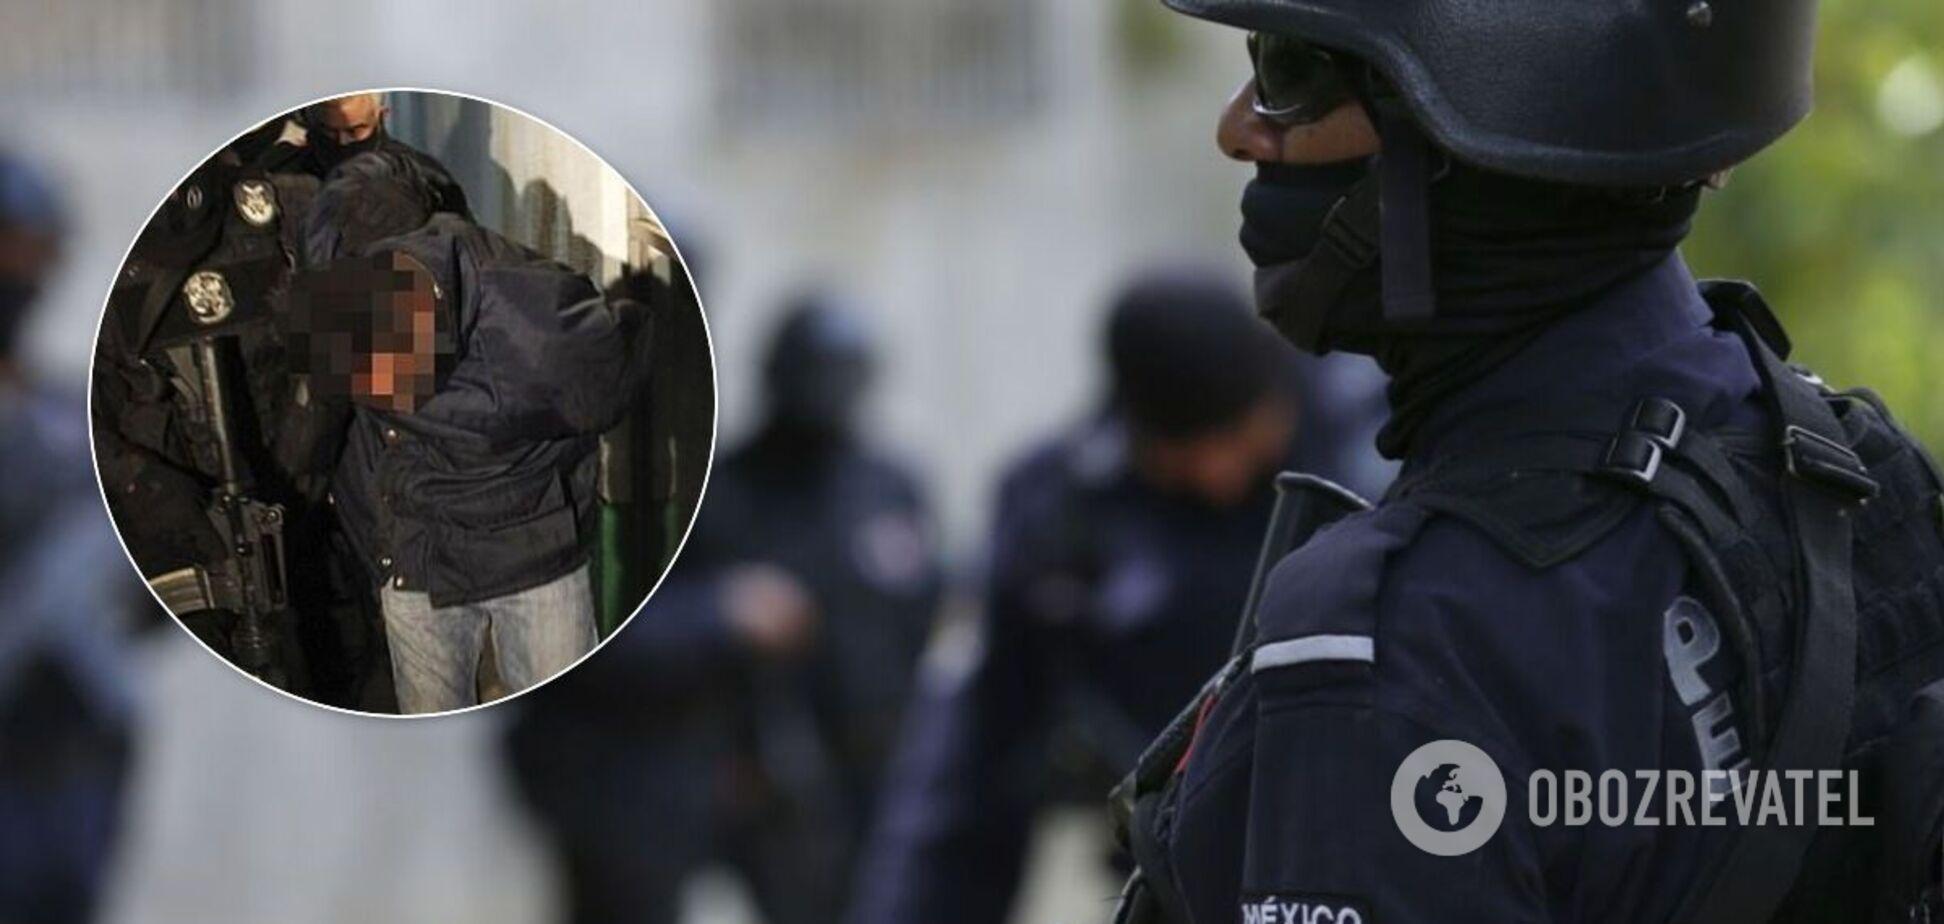 Поліція затримала підозрюваного у вбивстві підлітків